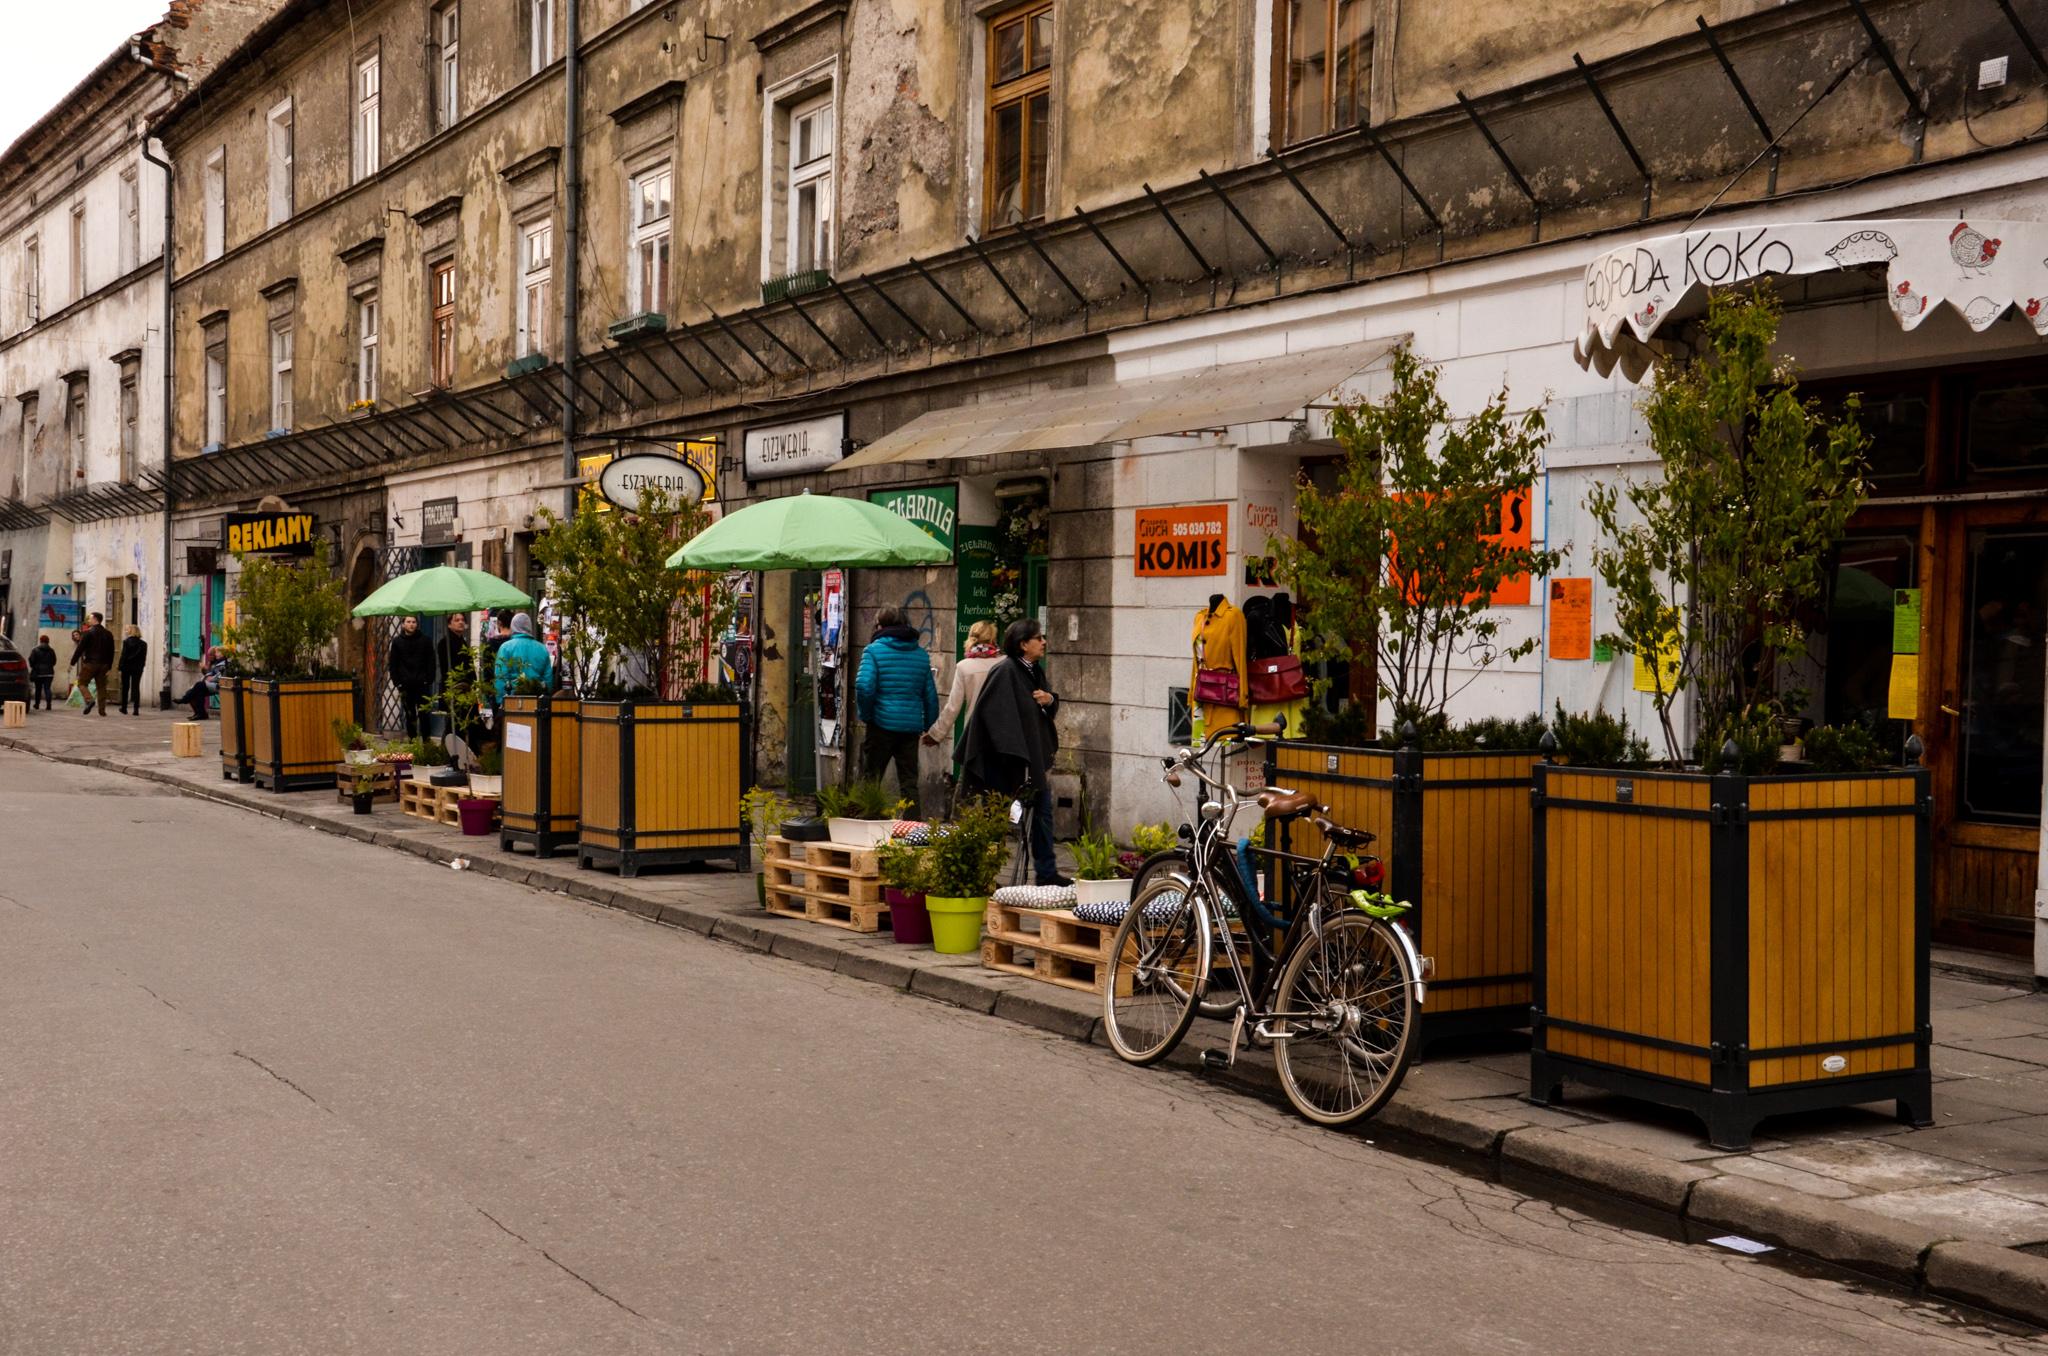 ulica Józefa, Żywa Ulica w Krakowie, rok 2017, fot. Marek Grochowicz